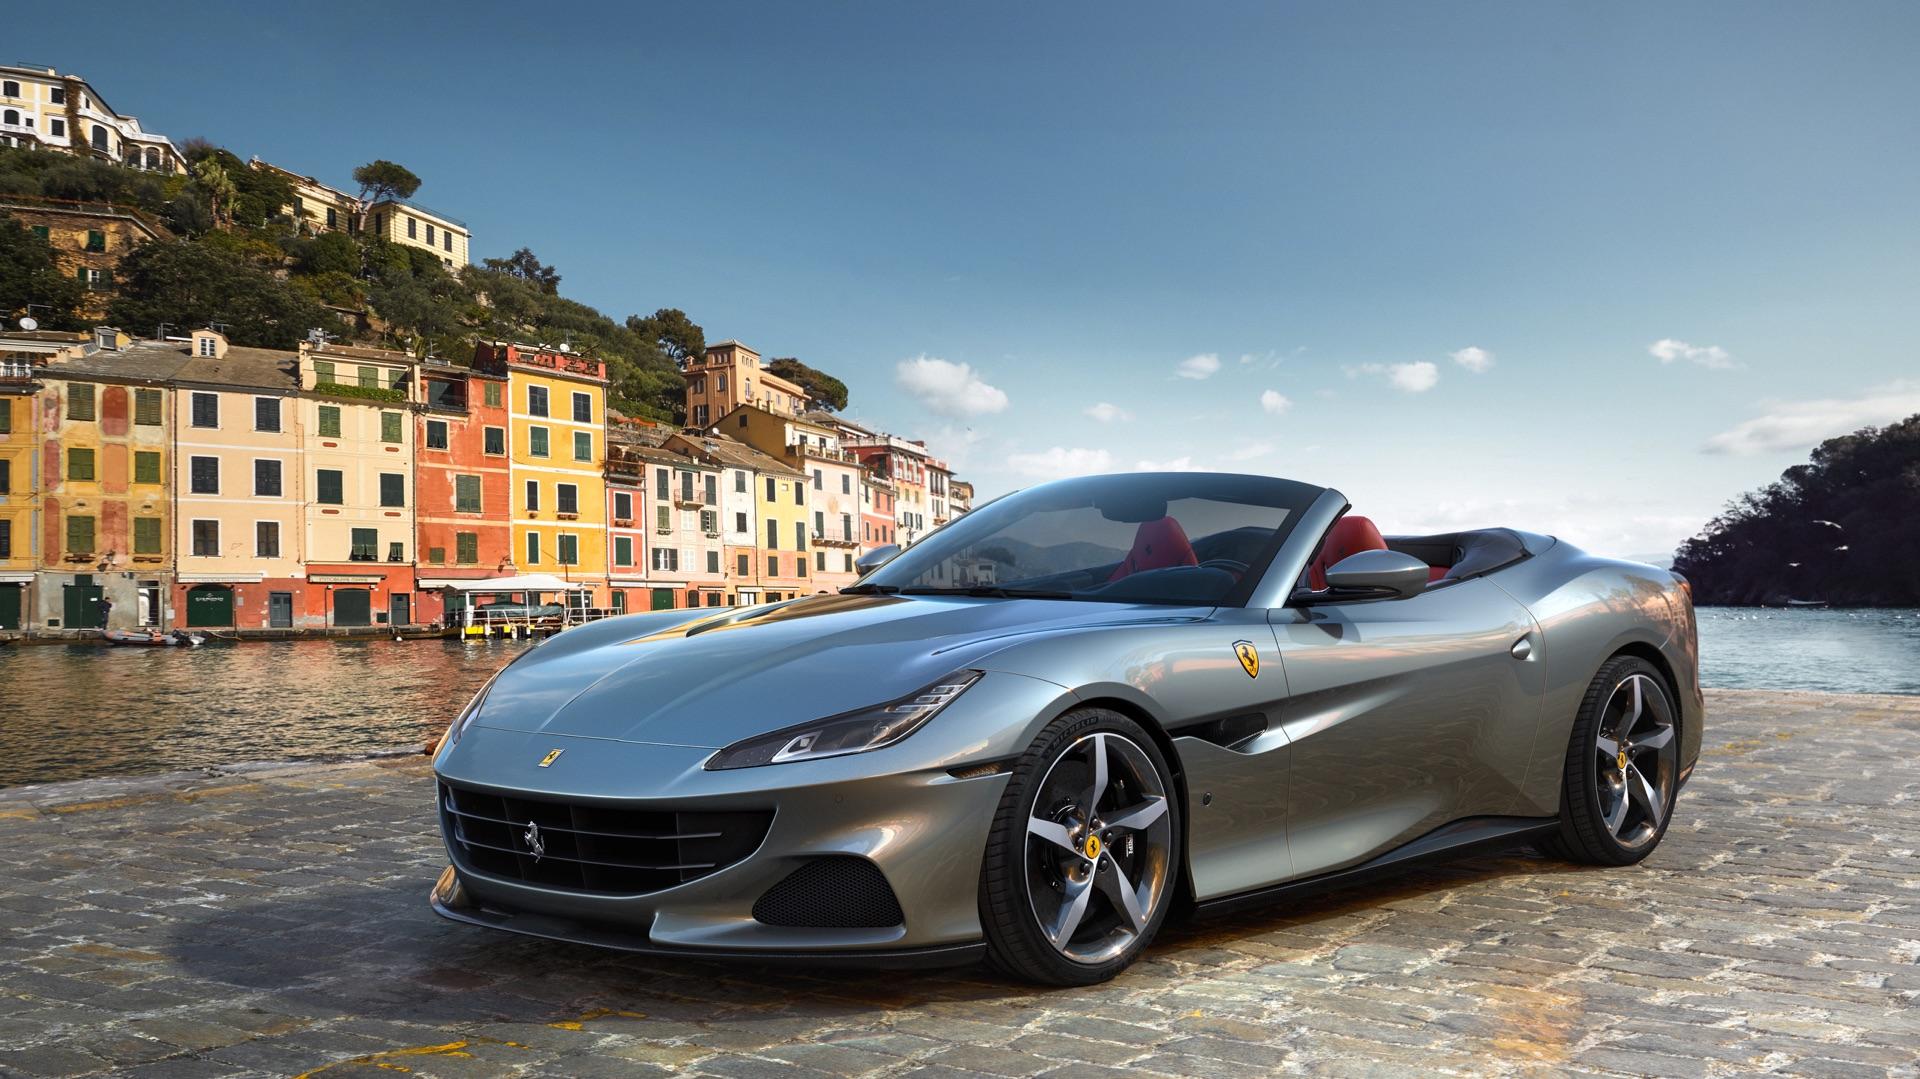 Ferrari Portofino M Brings More Power And Tech To